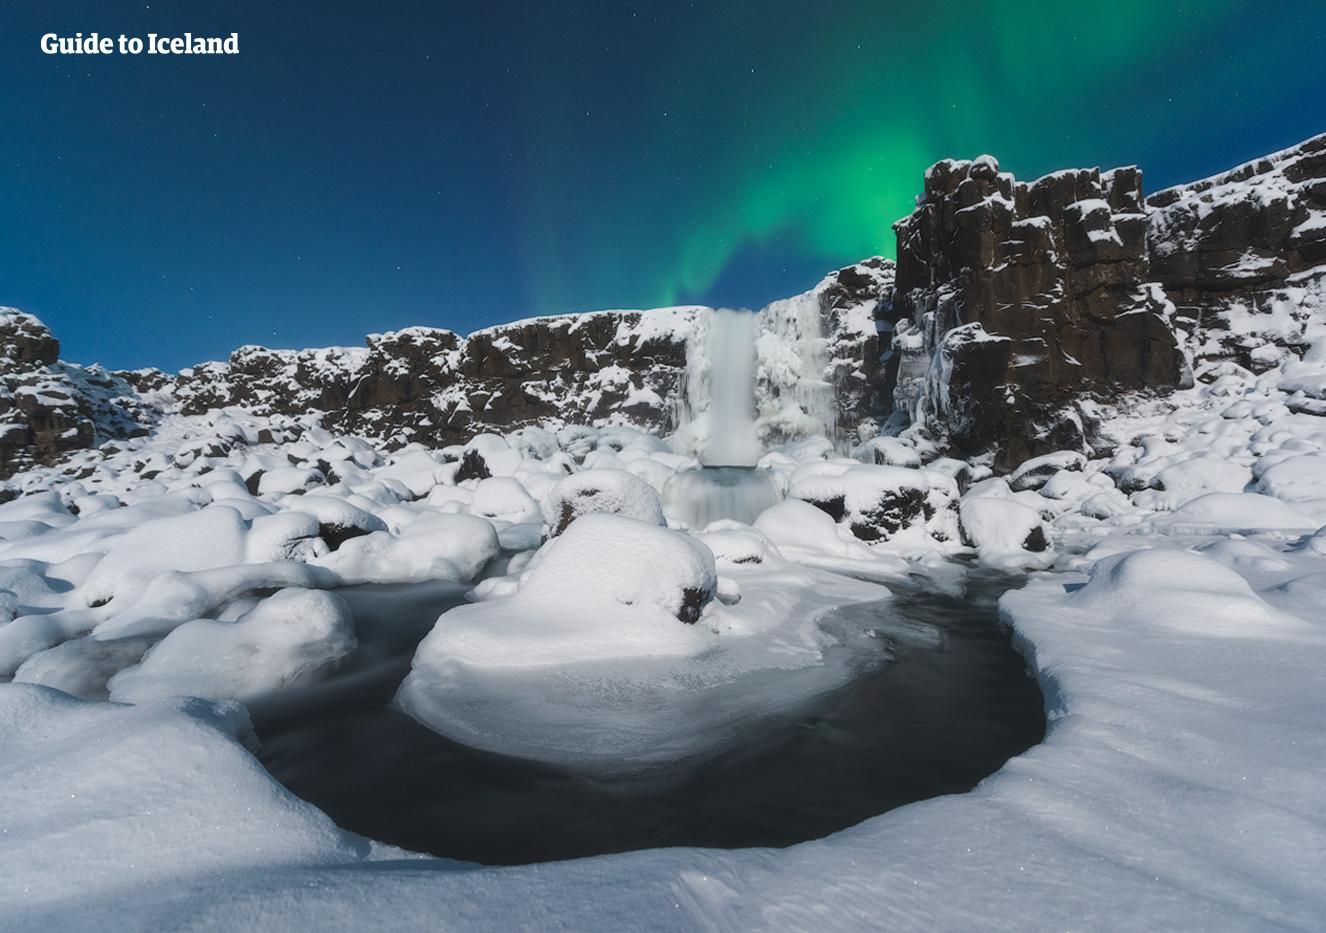 11-дневный автотур вокруг Исландии в поисках северного сияния   Кольцевая дорога и полуостров Снайфелльснес - day 10